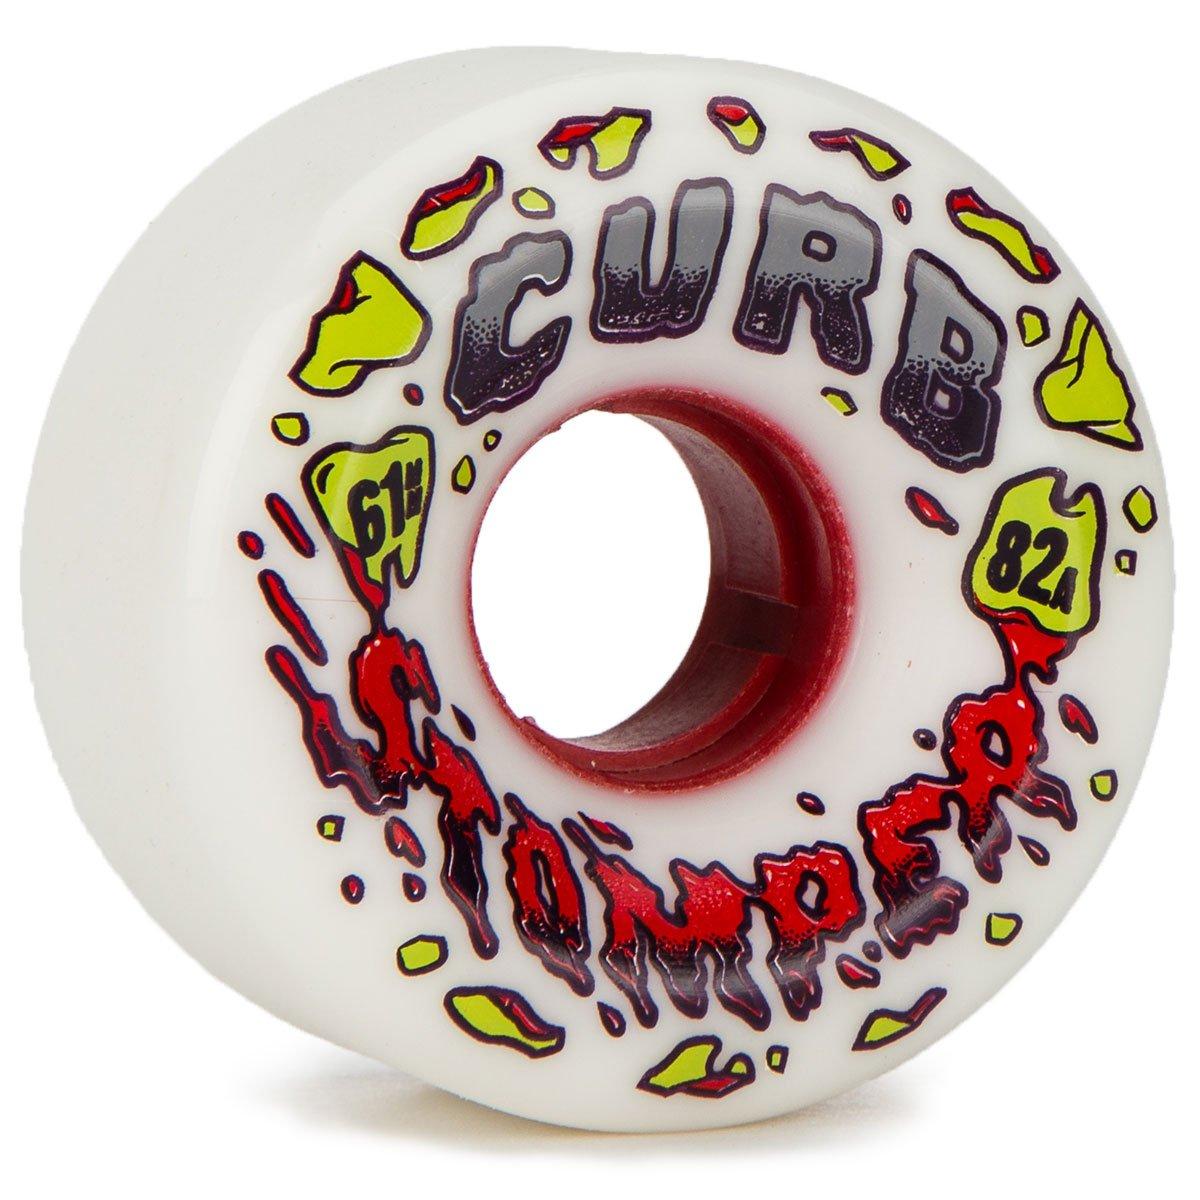 ヴェノム縁石Stompers Longboard Wheels – 61 mm 82 a   B07BR86X5V